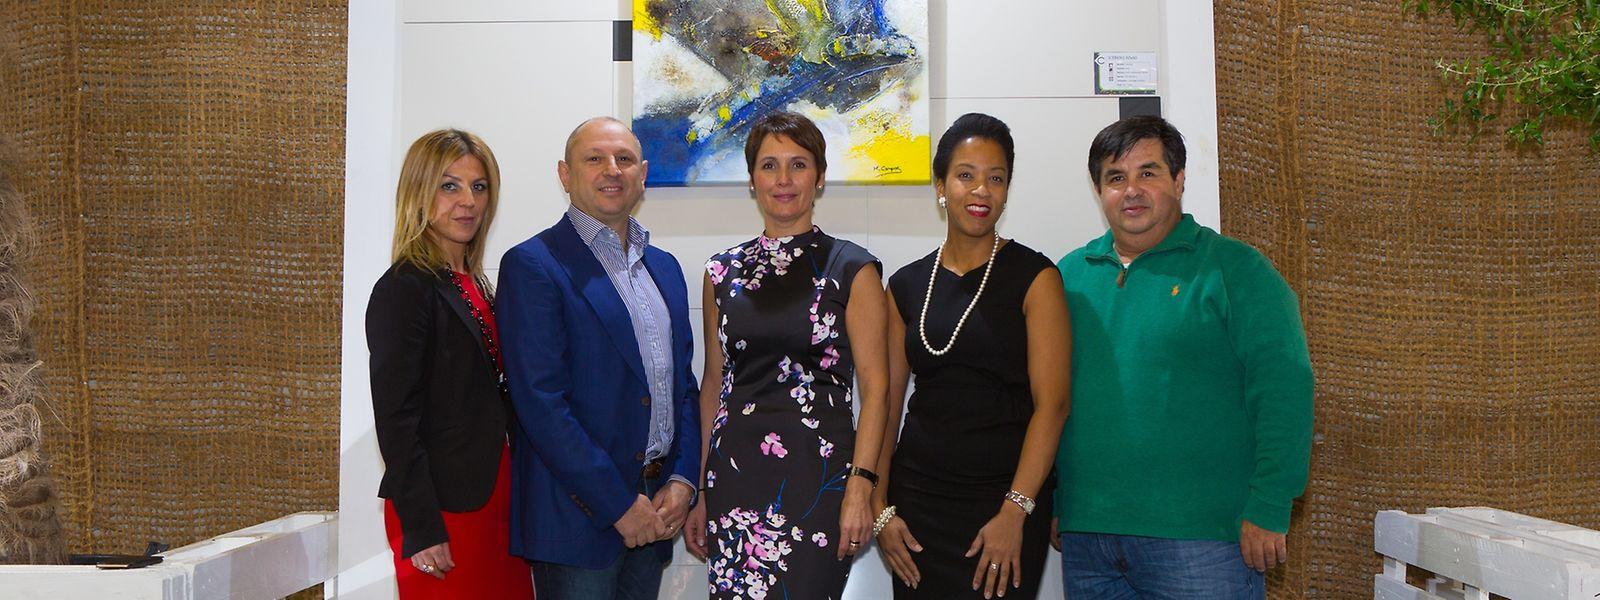 Sónia Mendes (comercial da Reebou), Bruno Costantini (sócio-gerente da Costiles), Margarida Campos e Mira Freire (artistas plásticas) e Andrés Salas (Gestor de projectos da Reebou)